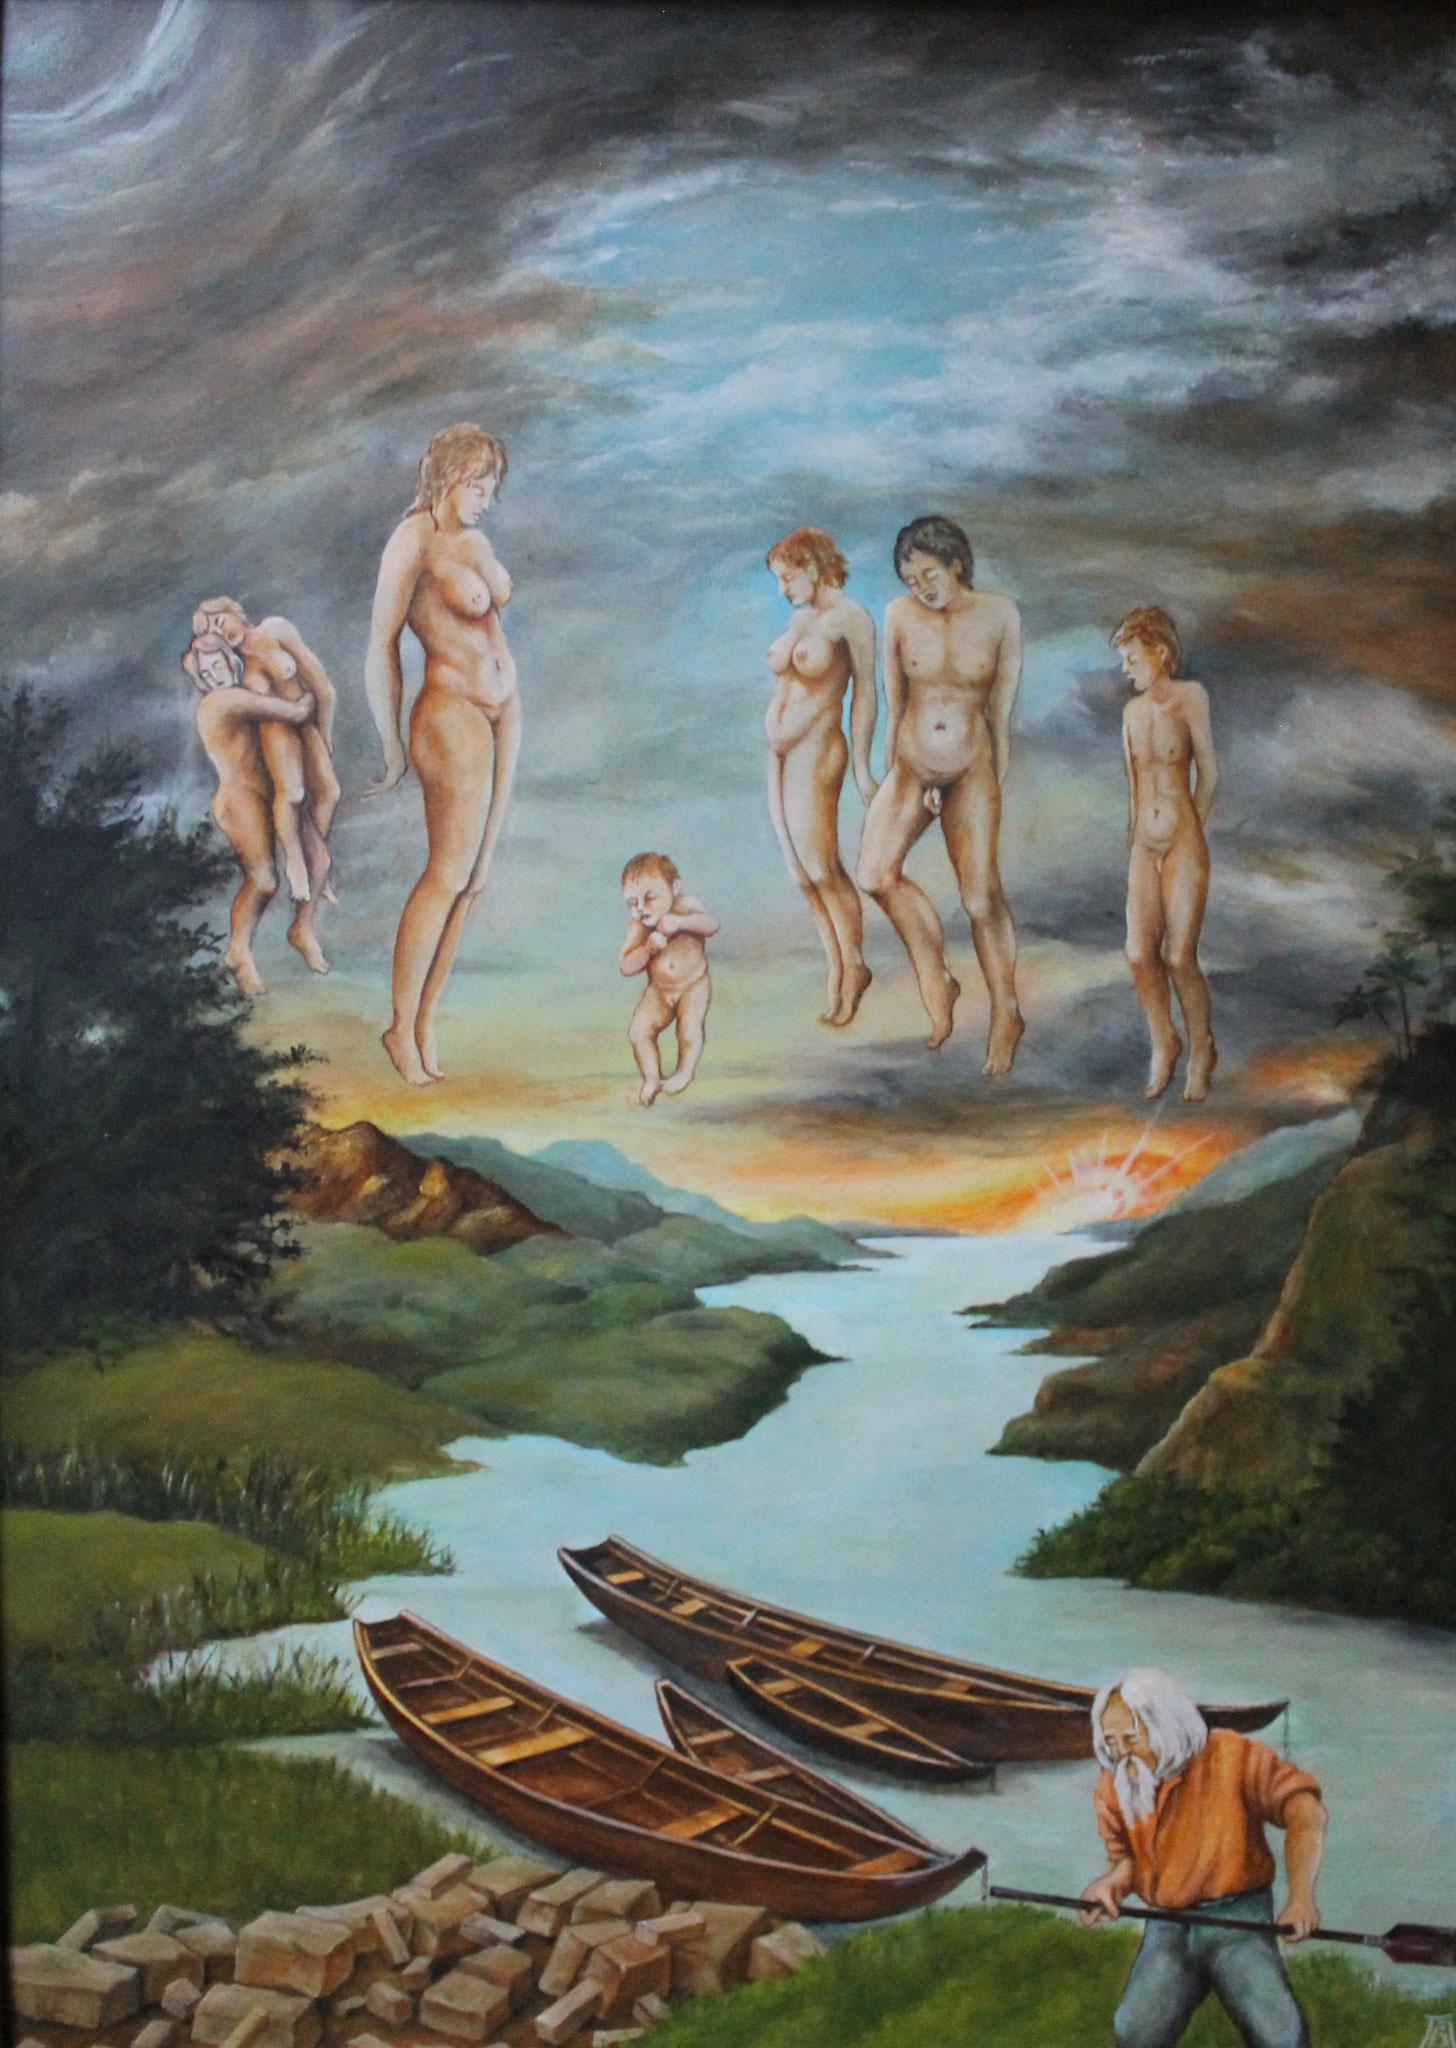 Am Styx, Acryl/Öl, 50 x 70 cm, 2020